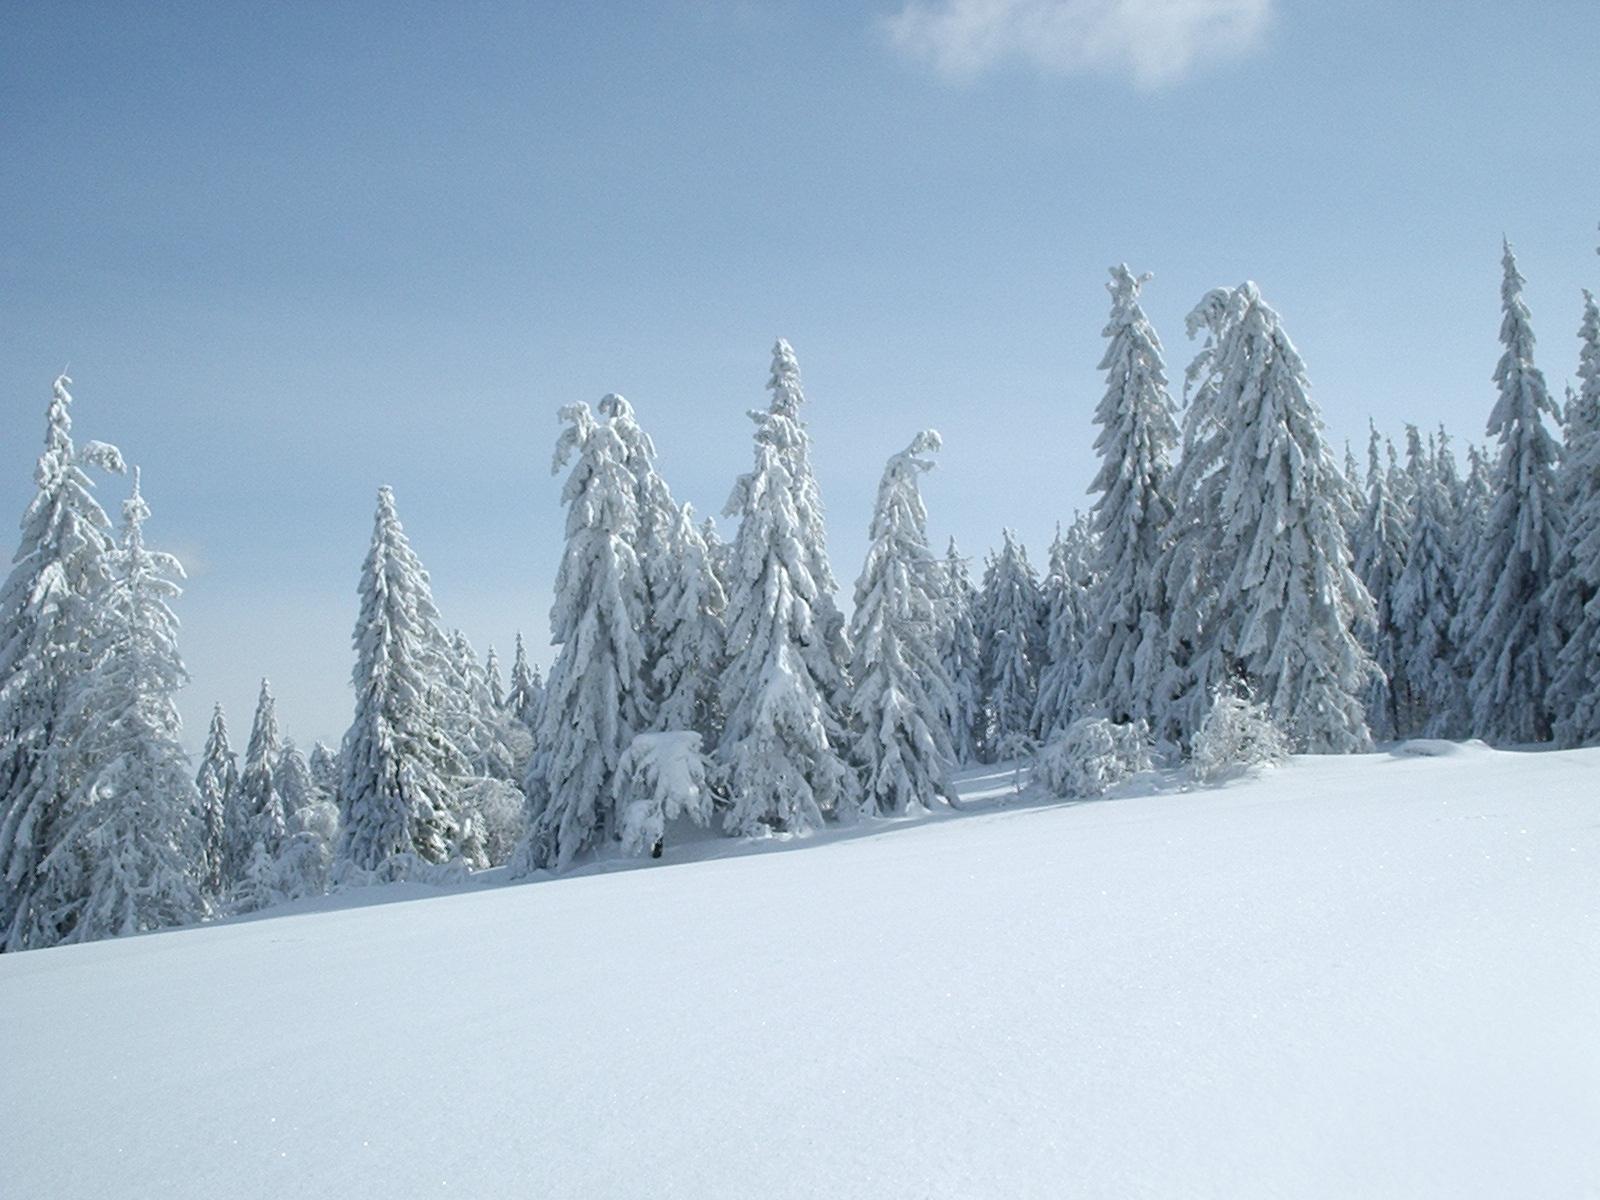 Winter Cincinnati Ohio